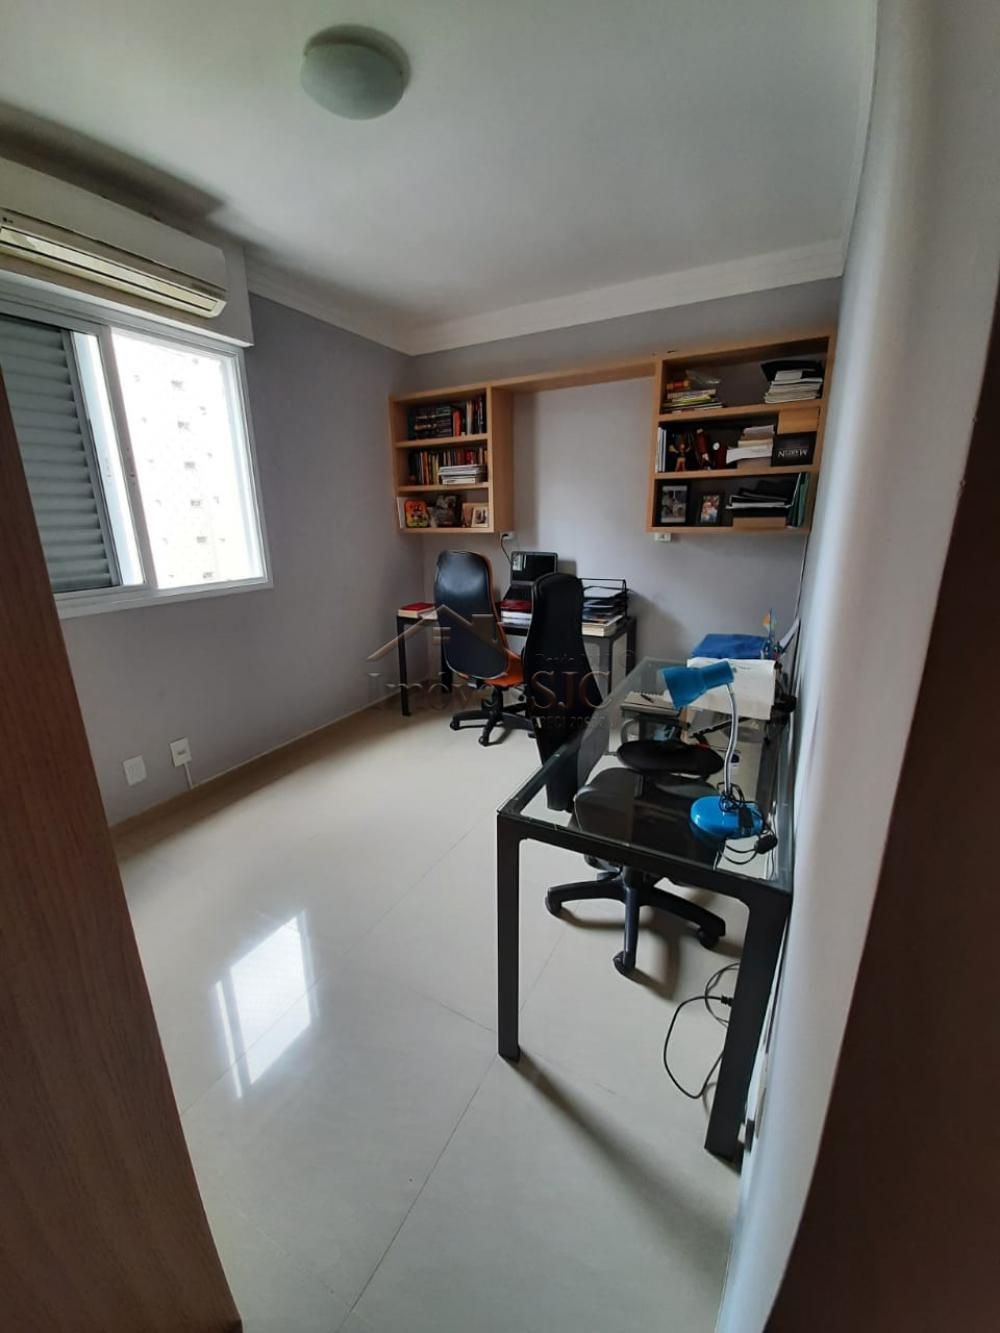 Comprar Apartamentos / Padrão em São José dos Campos apenas R$ 600.000,00 - Foto 11